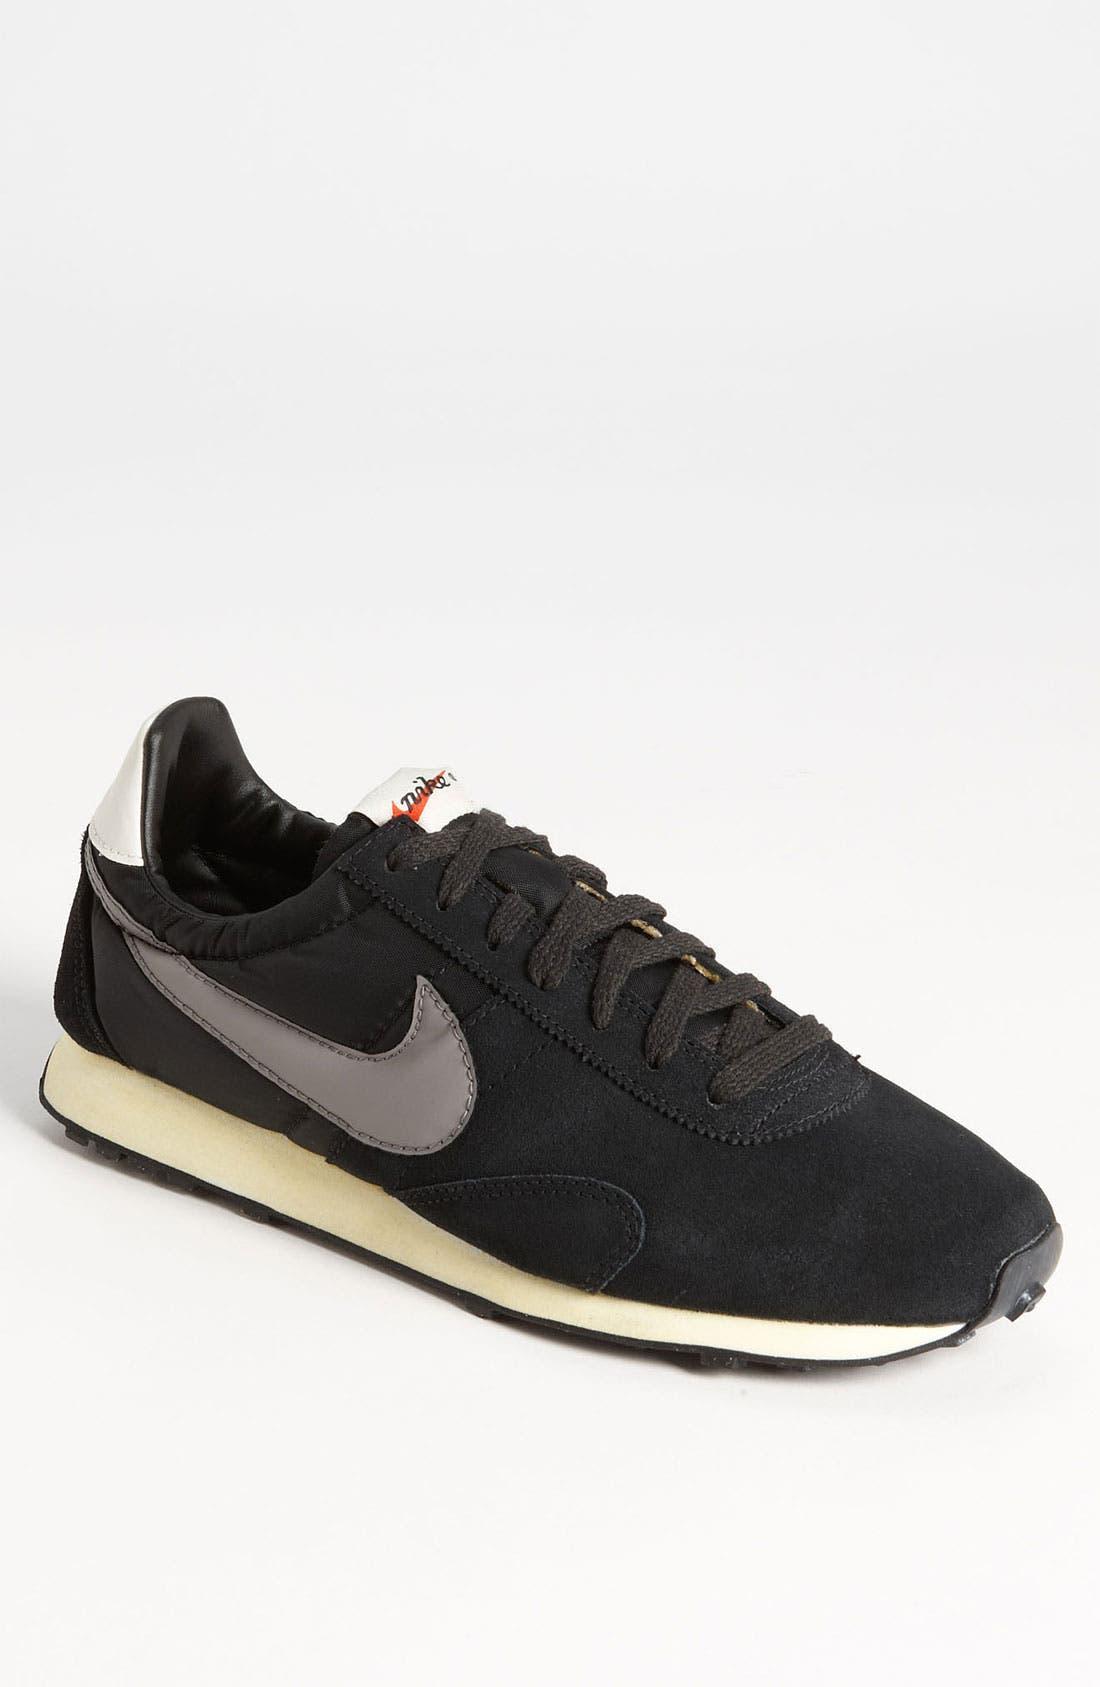 Main Image - Nike 'Pre Montreal Racer' Sneaker (Men)